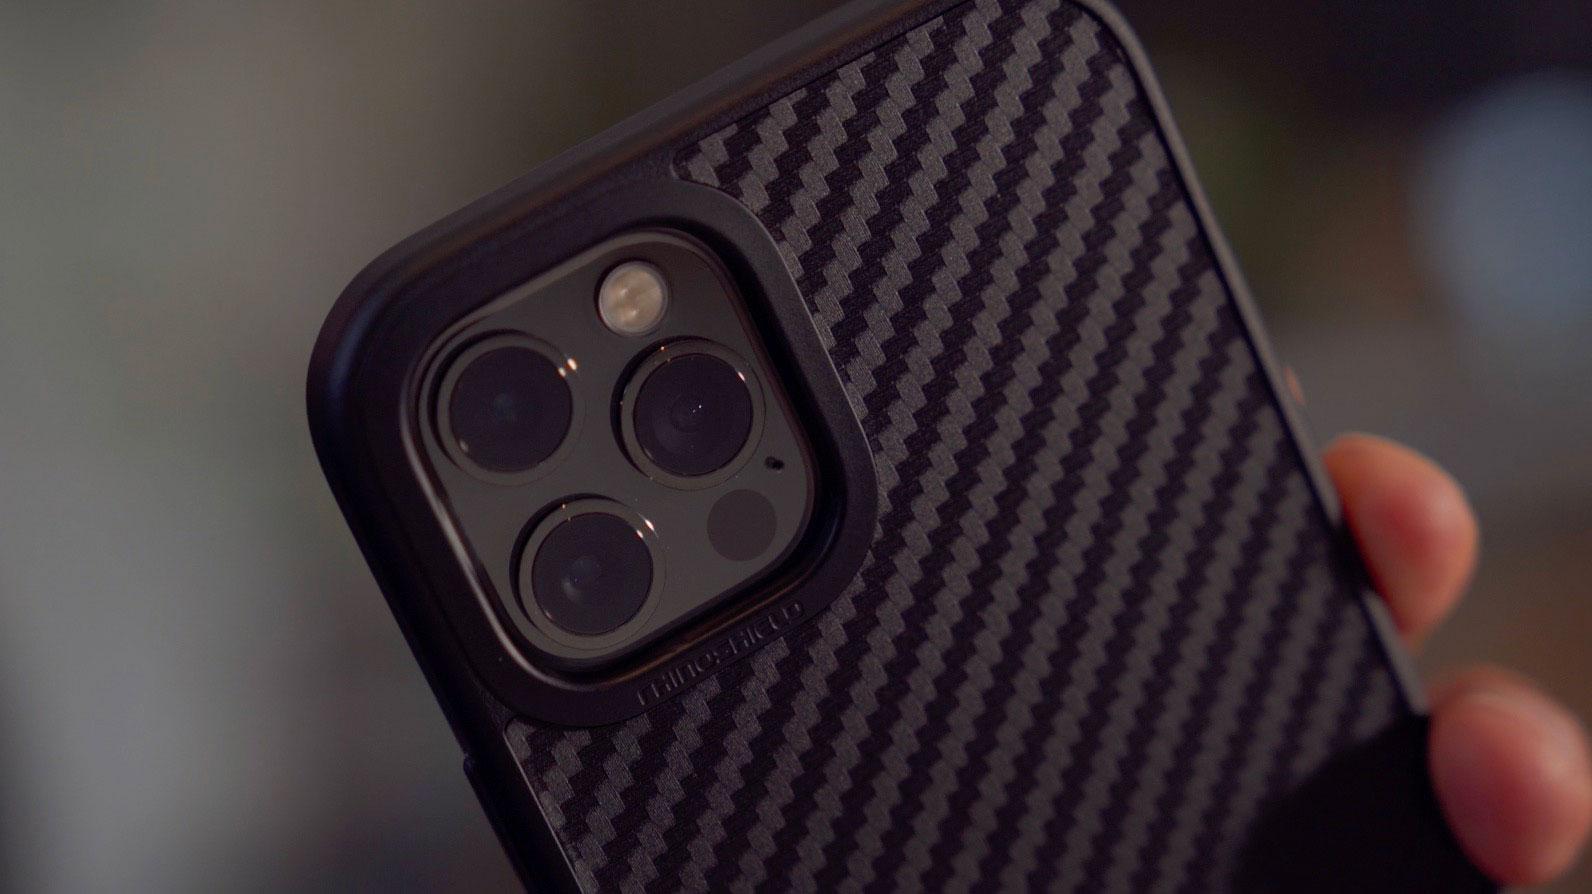 La SolidSuit, toujours une valeur sûre lorsqu'on cherche un moyen de protéger efficacement son iPhone 12 Pro